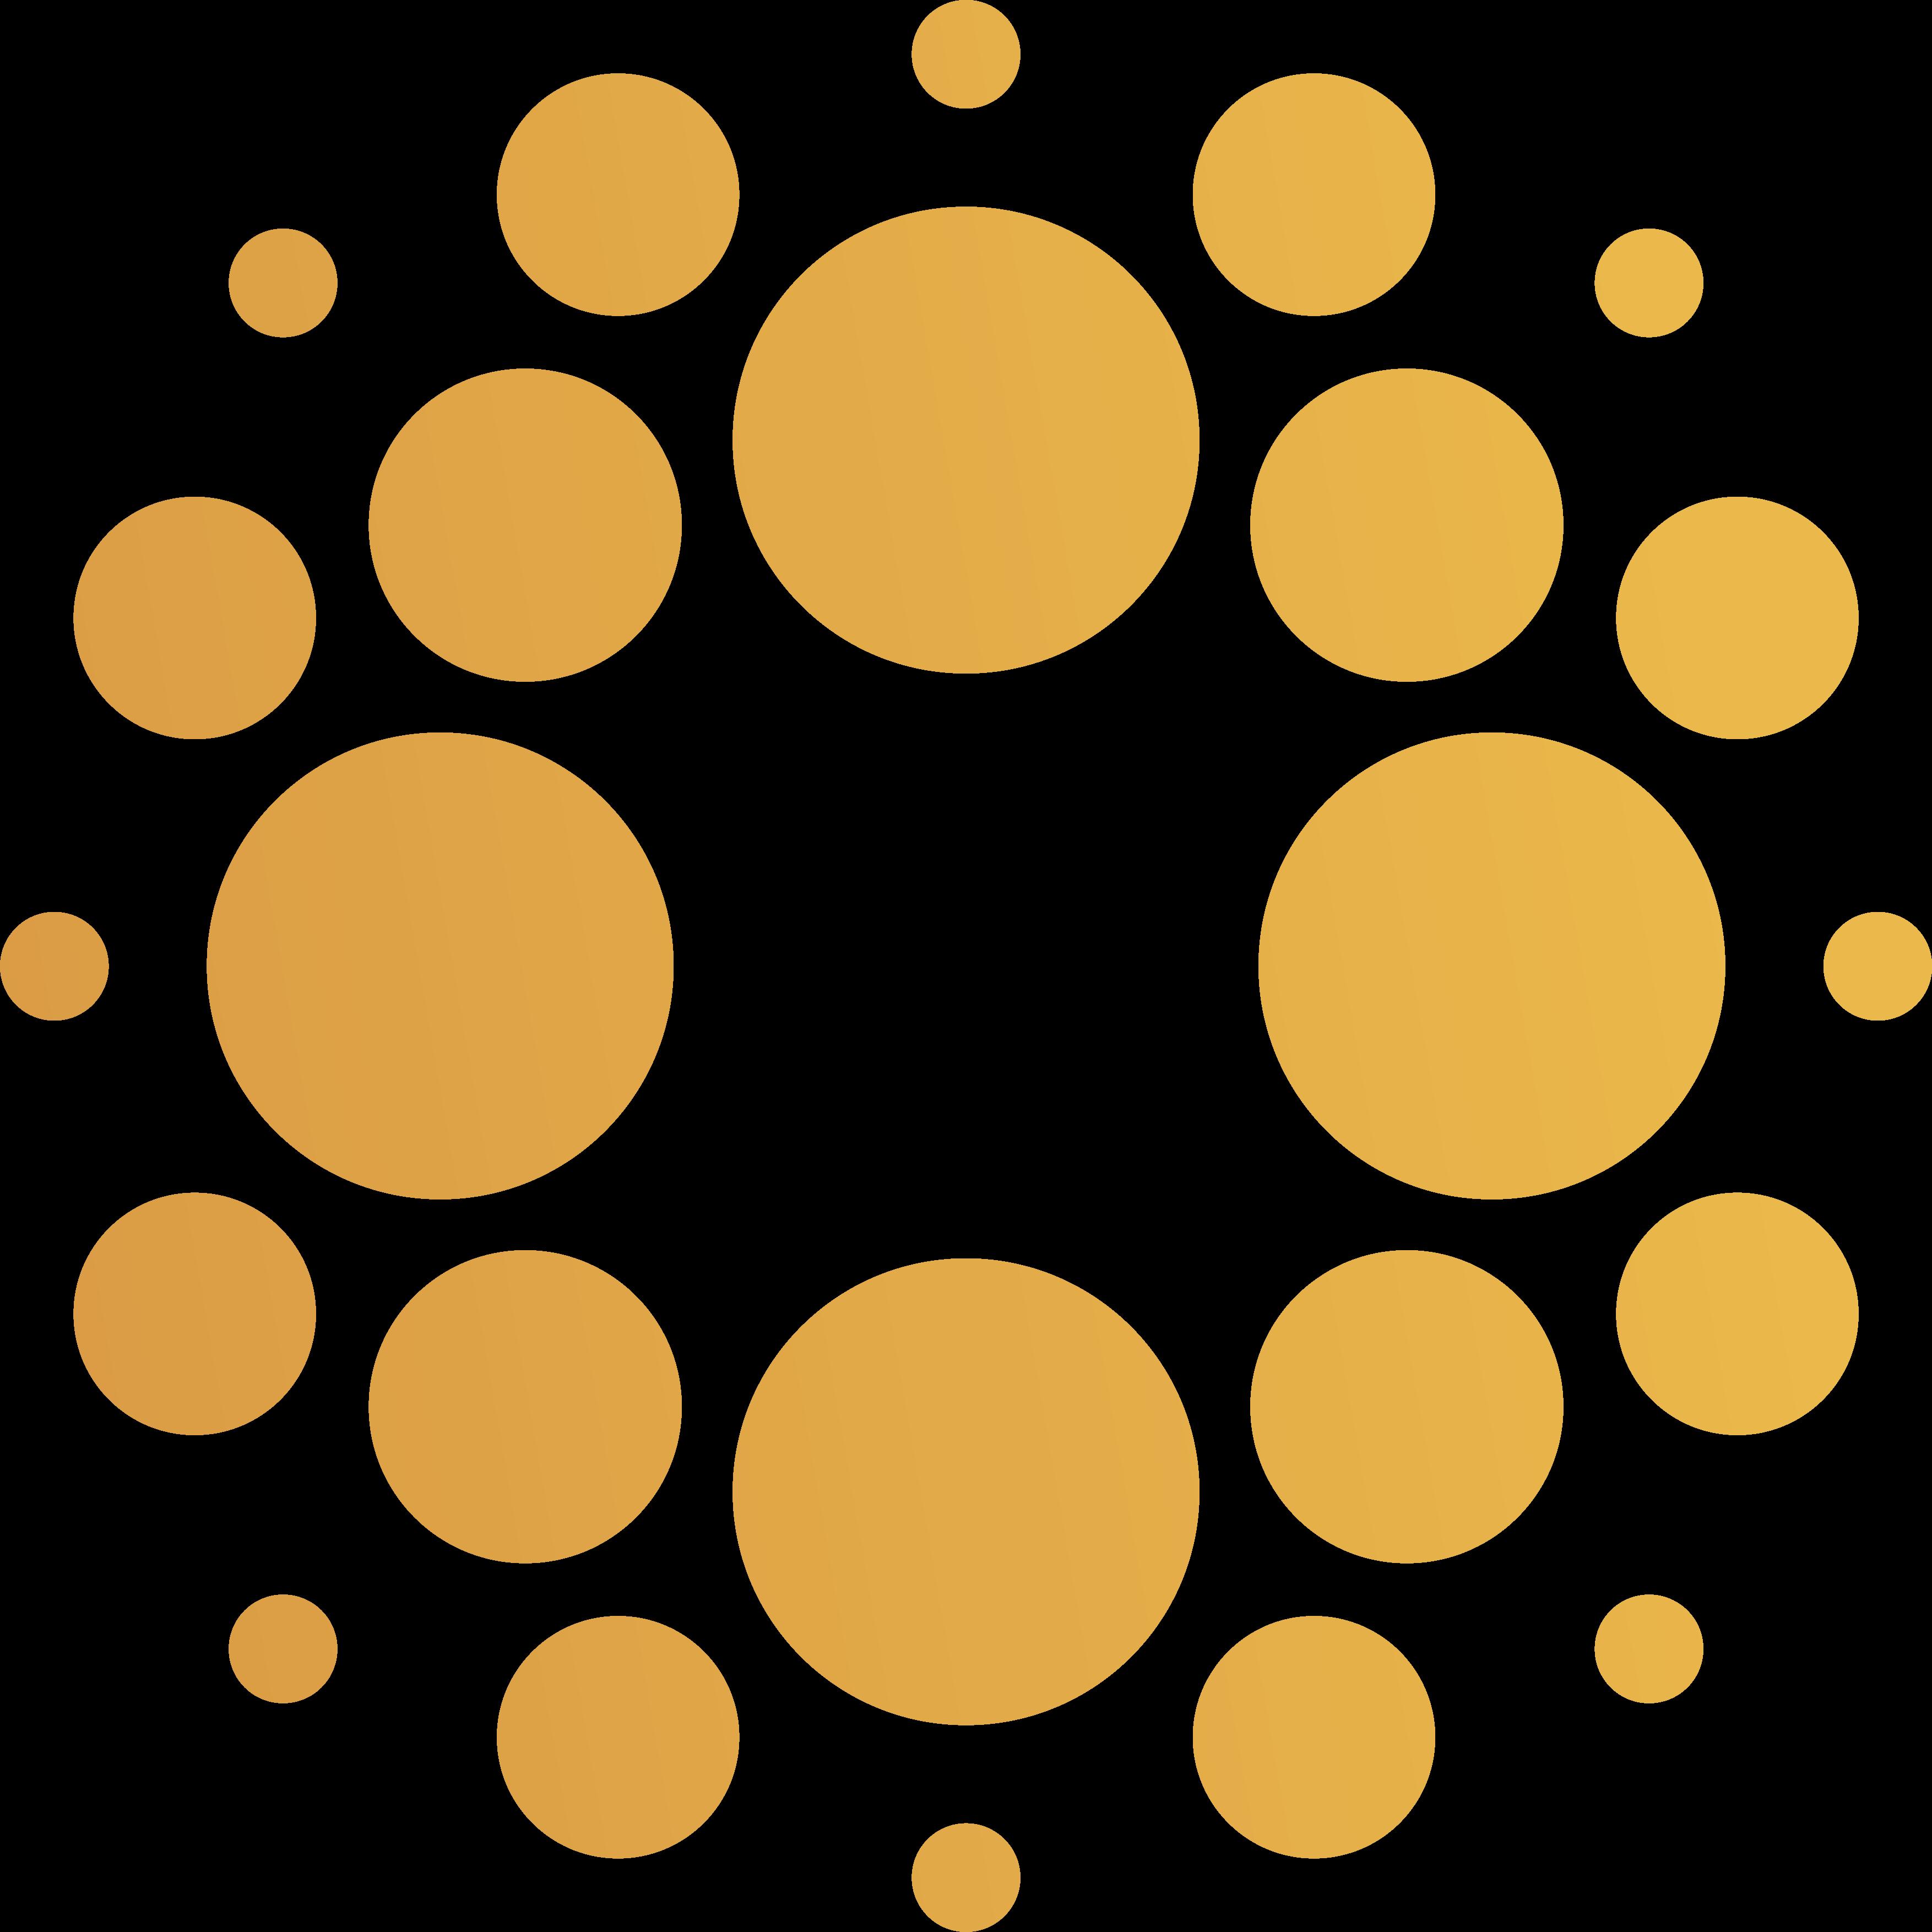 Ring of circles animating behind text